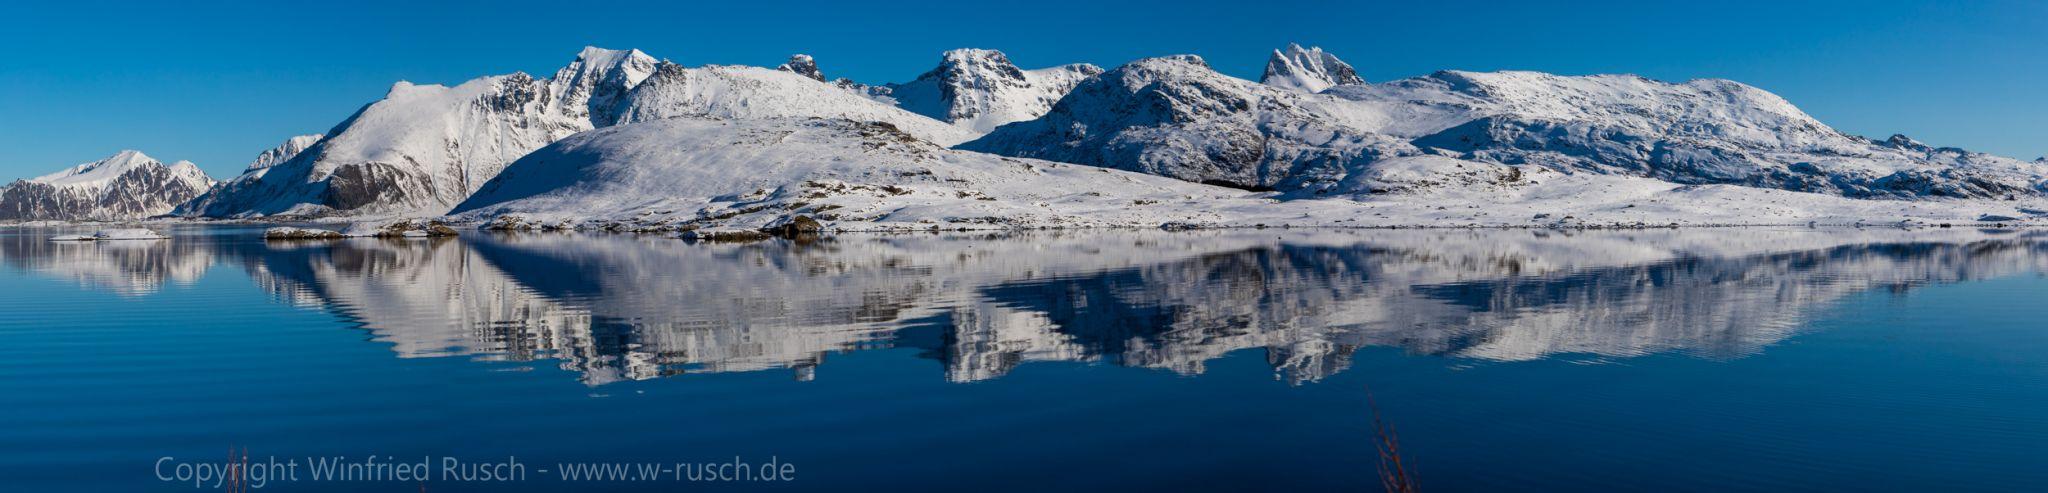 Schneeberge auf den Lofoten, Norway